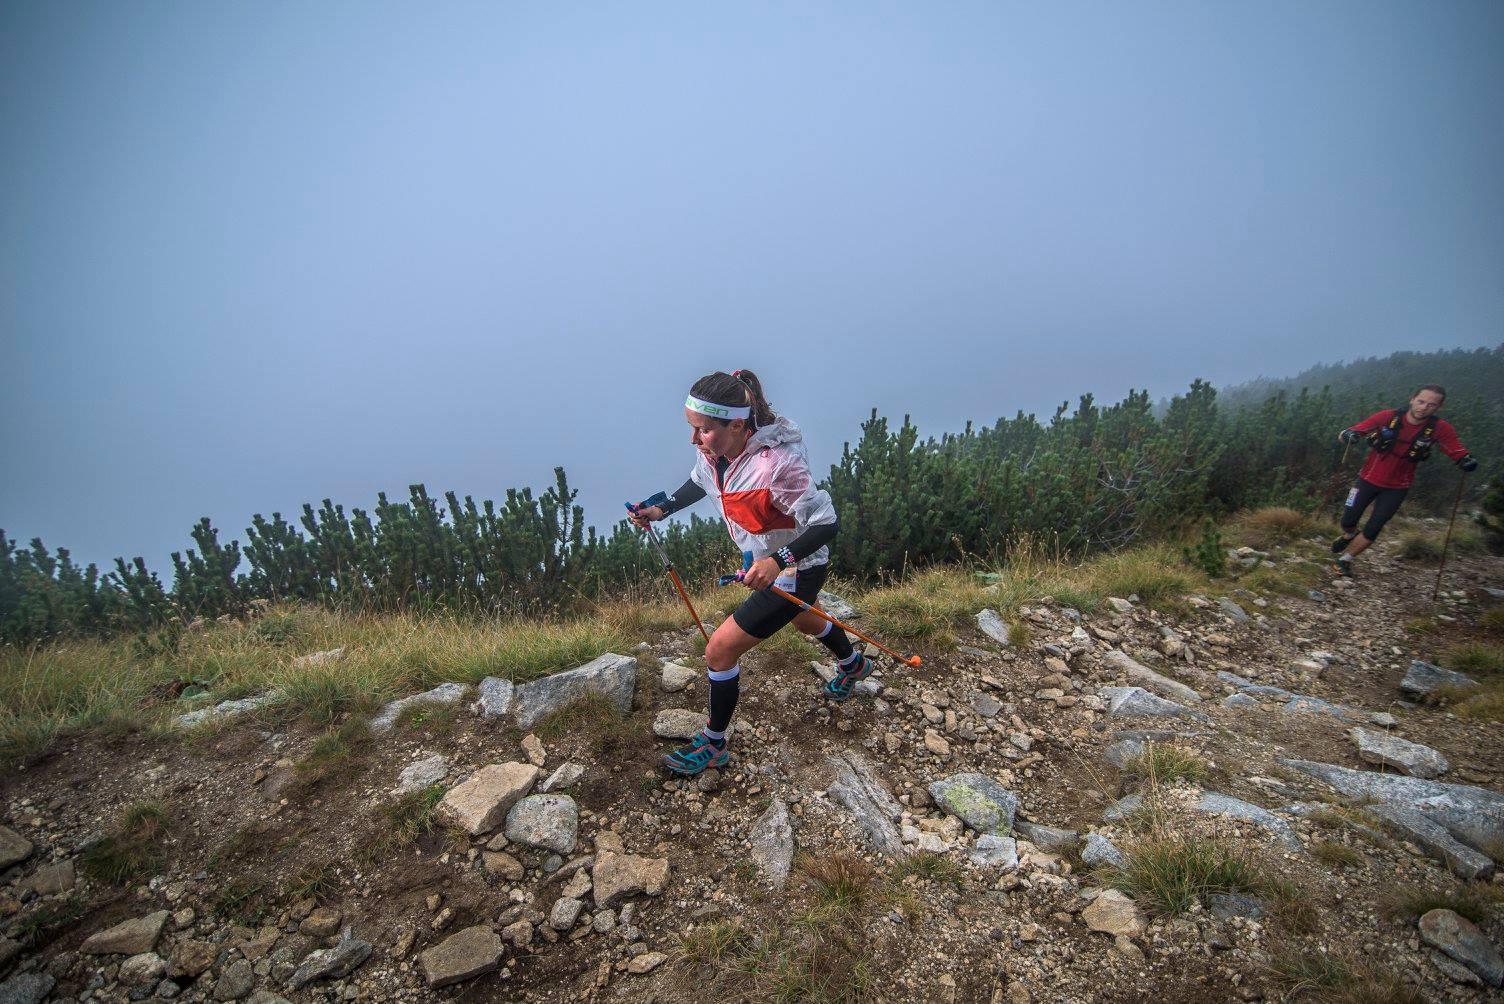 На 29 август 2020 г. предстои петото издание на едно от най-вълнуващите състезания по планинско бягане на Балканите – Adventure Sky Run